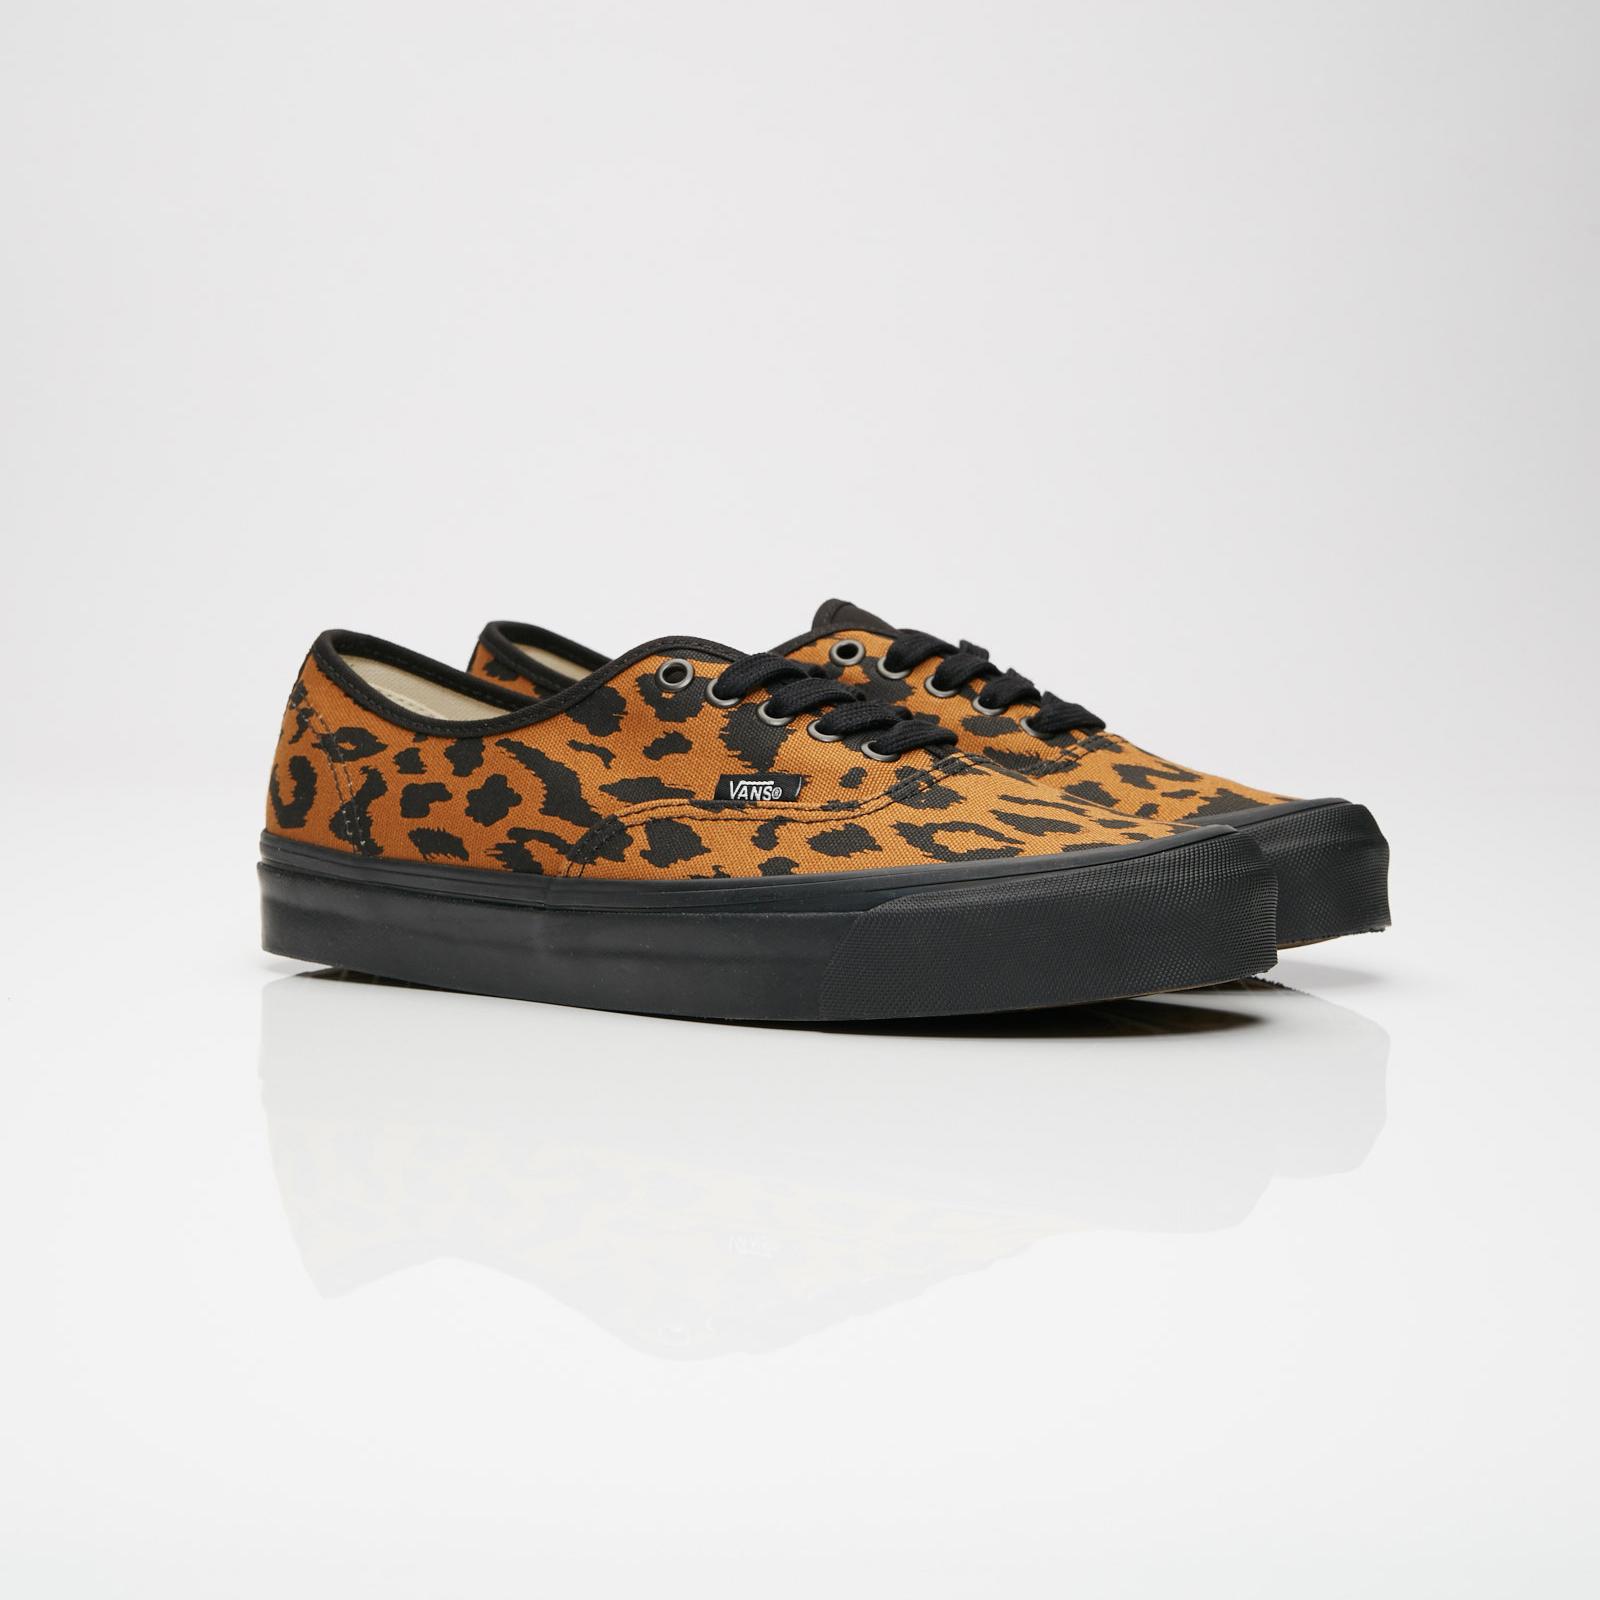 8845df1ed45678 Vans UA OG Authentic LX - V00uddu9m - Sneakersnstuff